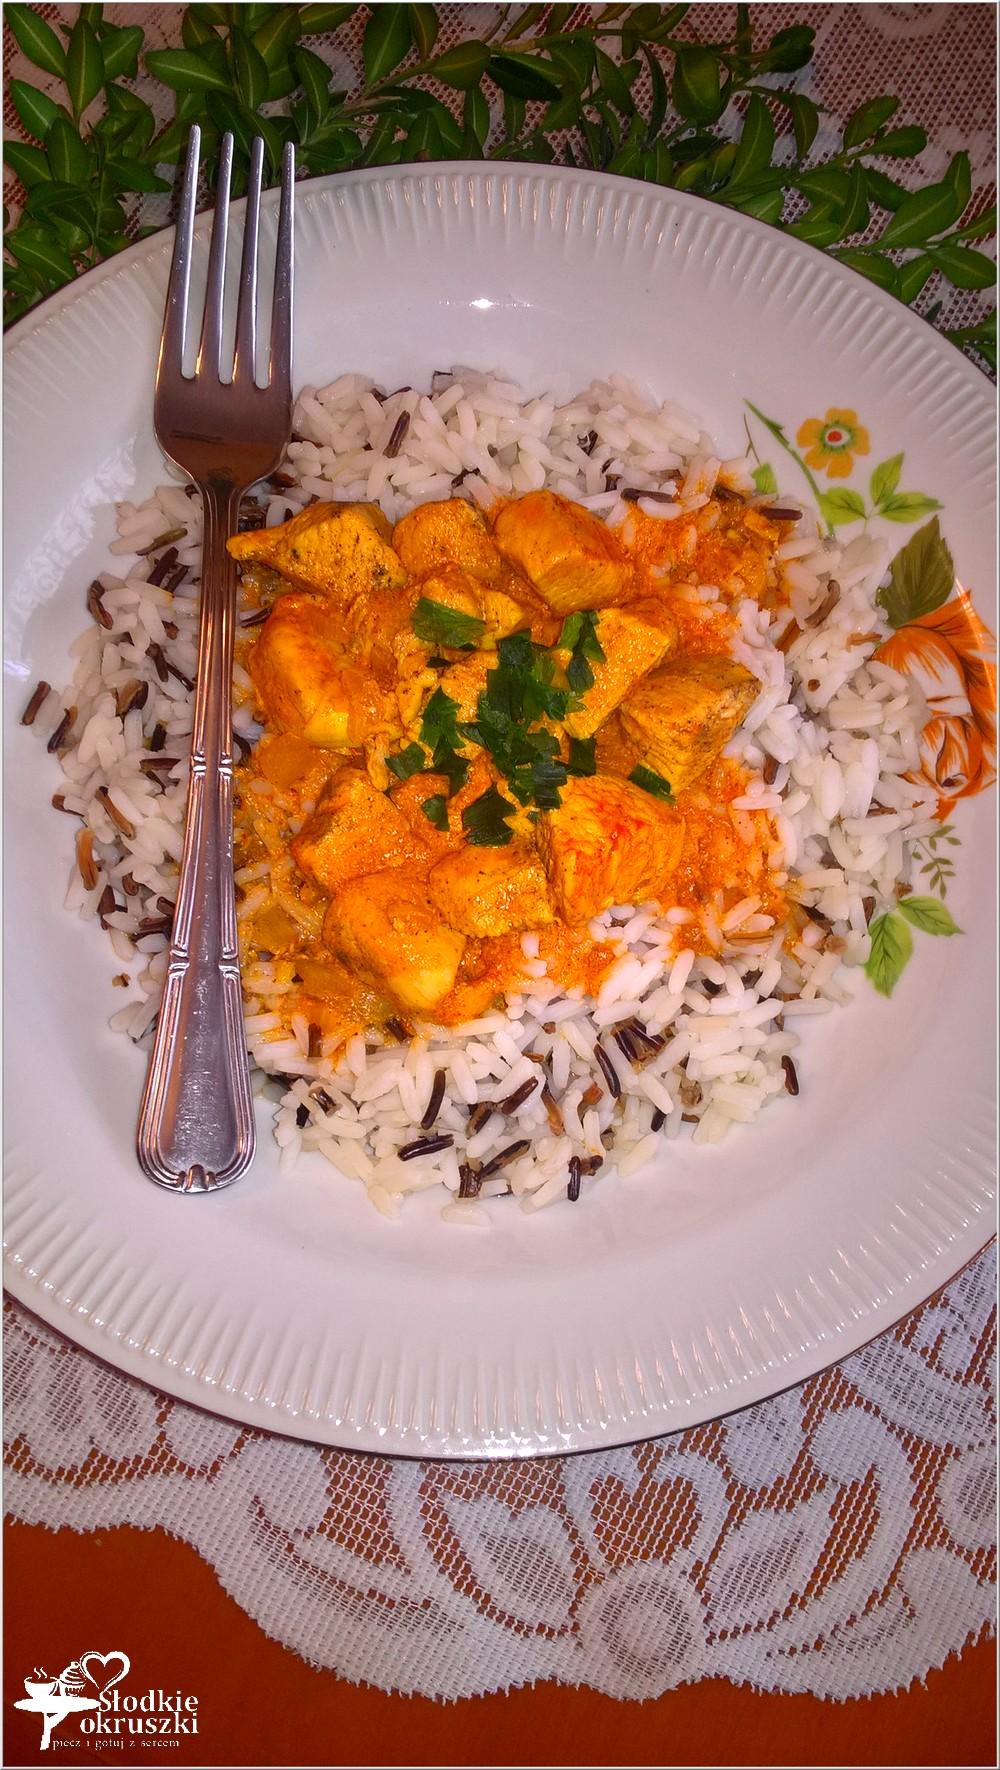 aromotyczny-kurczak-w-carry-z-ryzem-zdrowy-i-pozywny-obiad-2